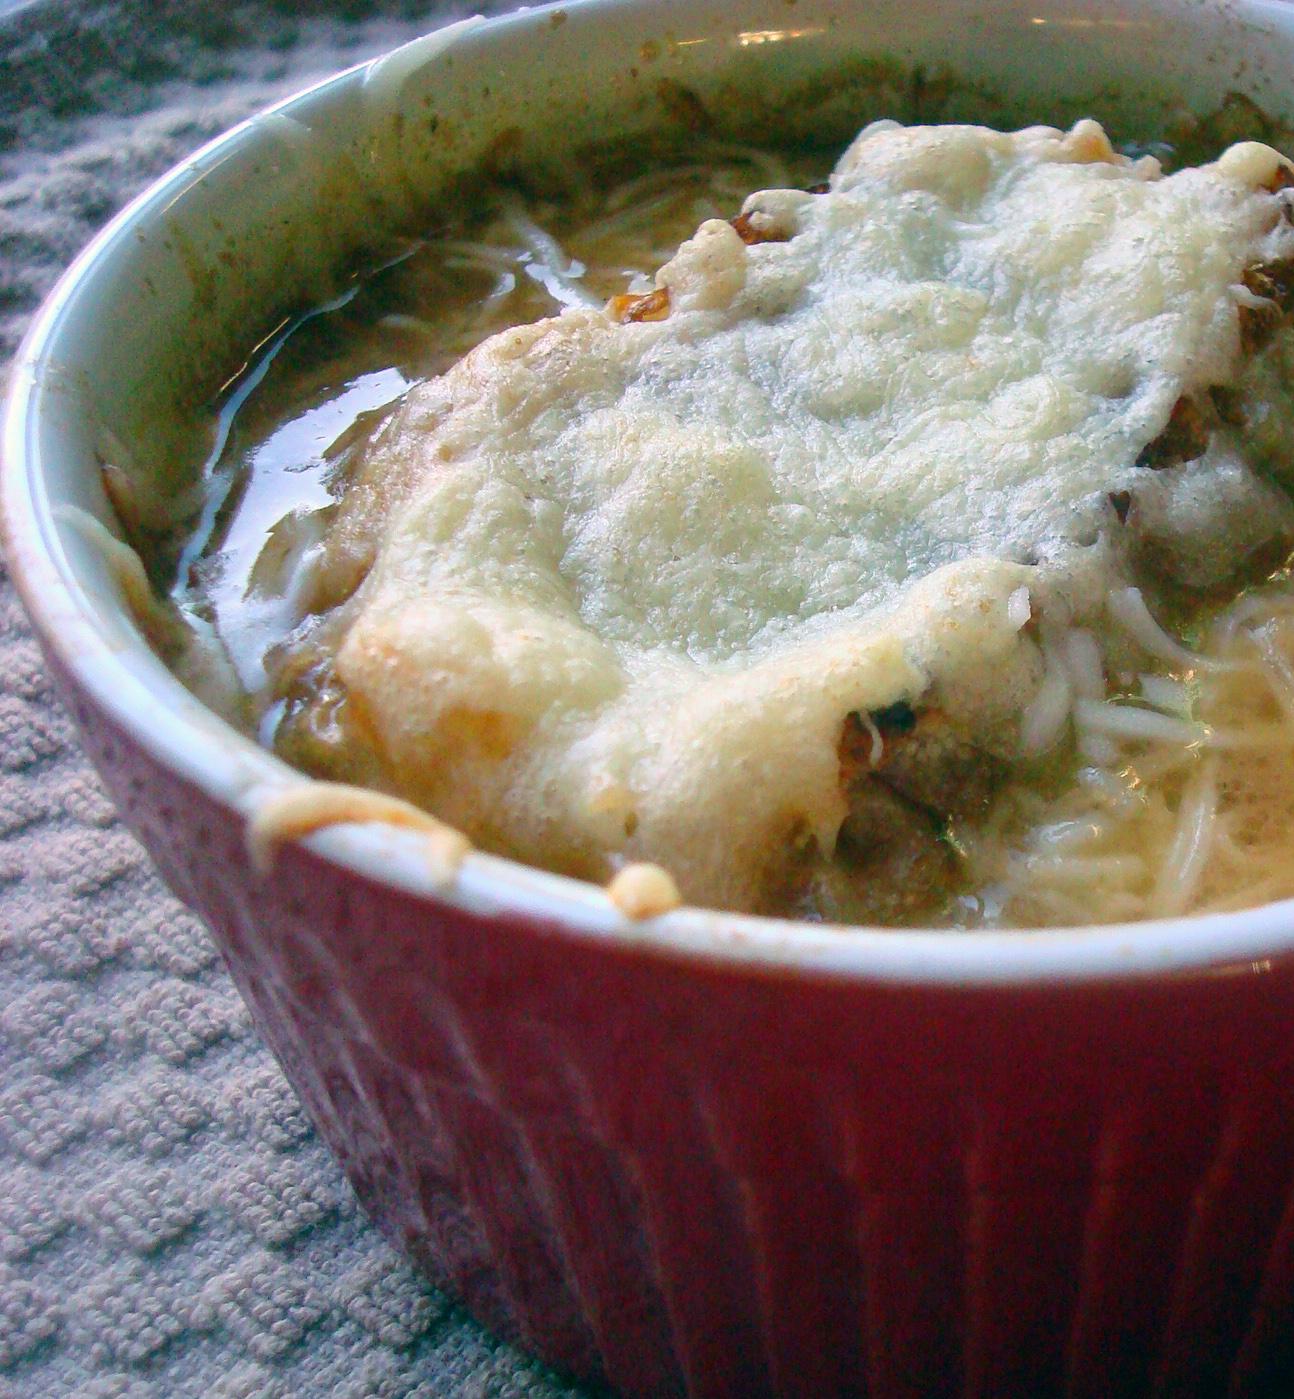 Ramekin with French onion soup